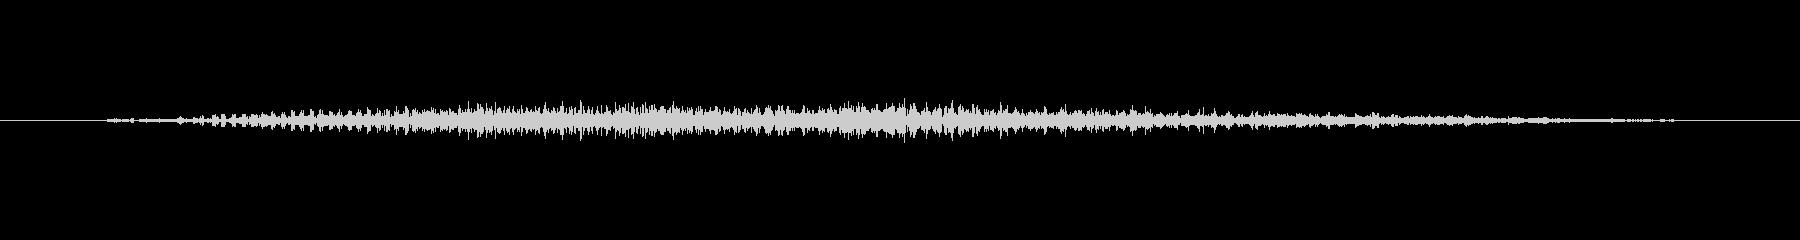 ゾンビ うめき声アイドル04の未再生の波形